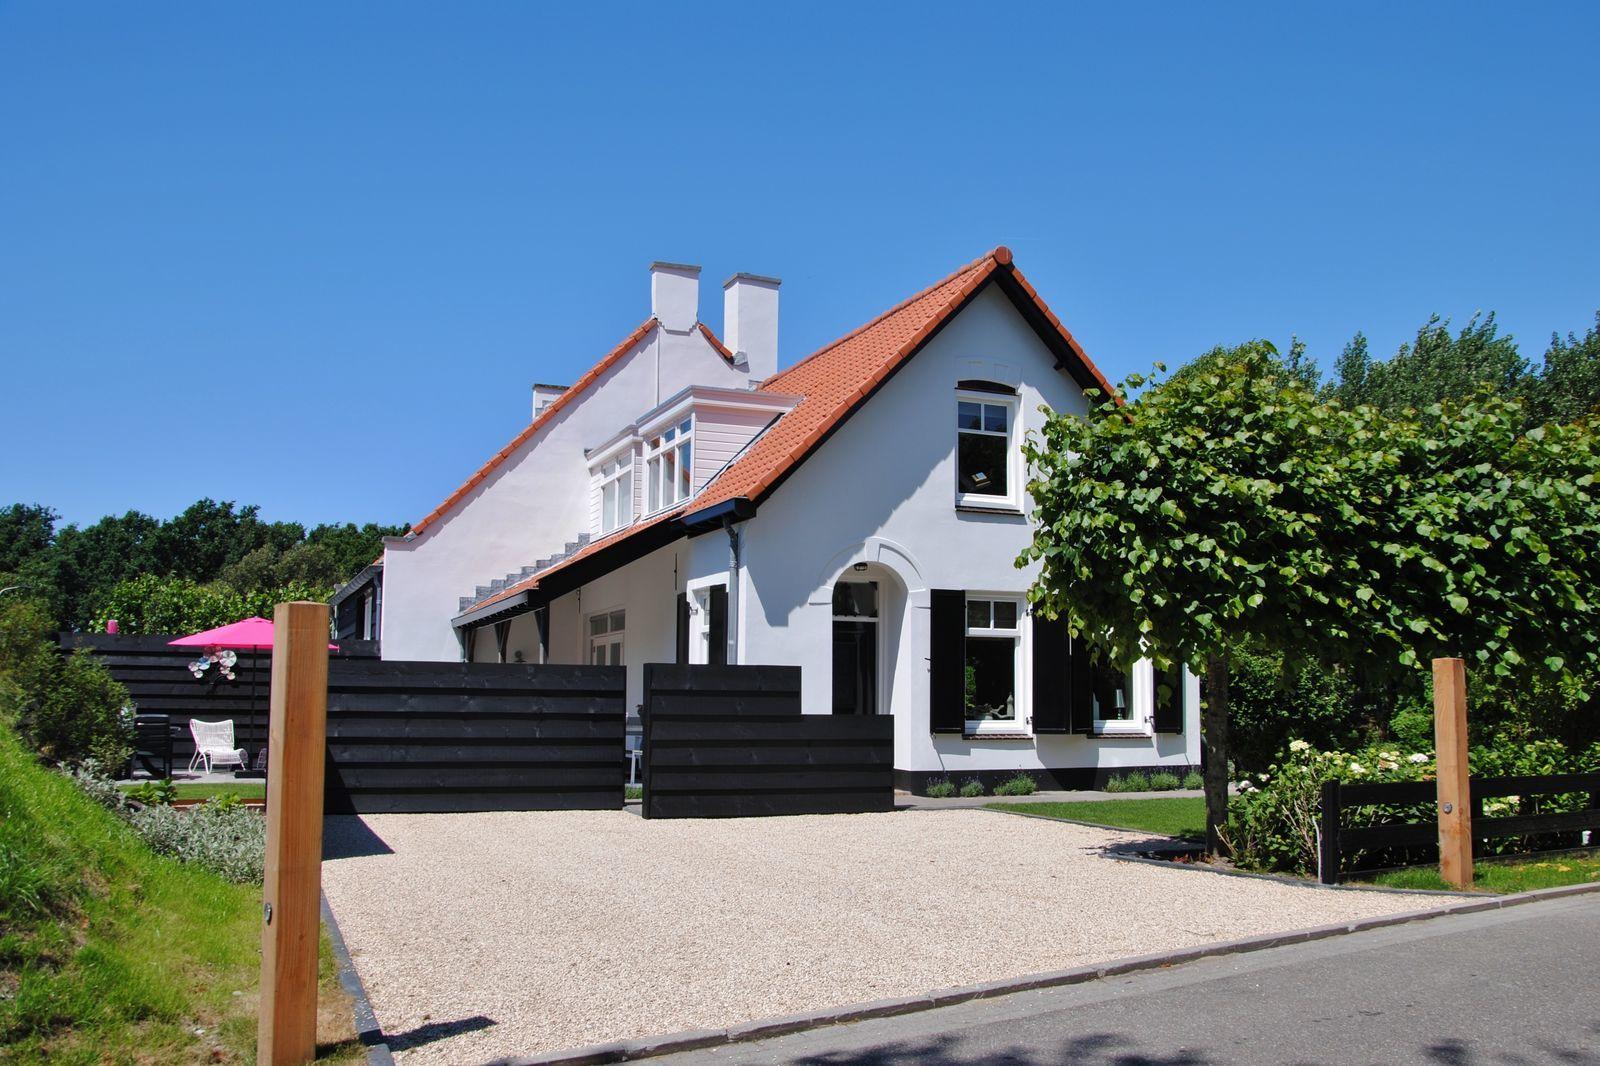 Vakantiehuis Dijkstelweg 46 (3 persons) - Ouddorp